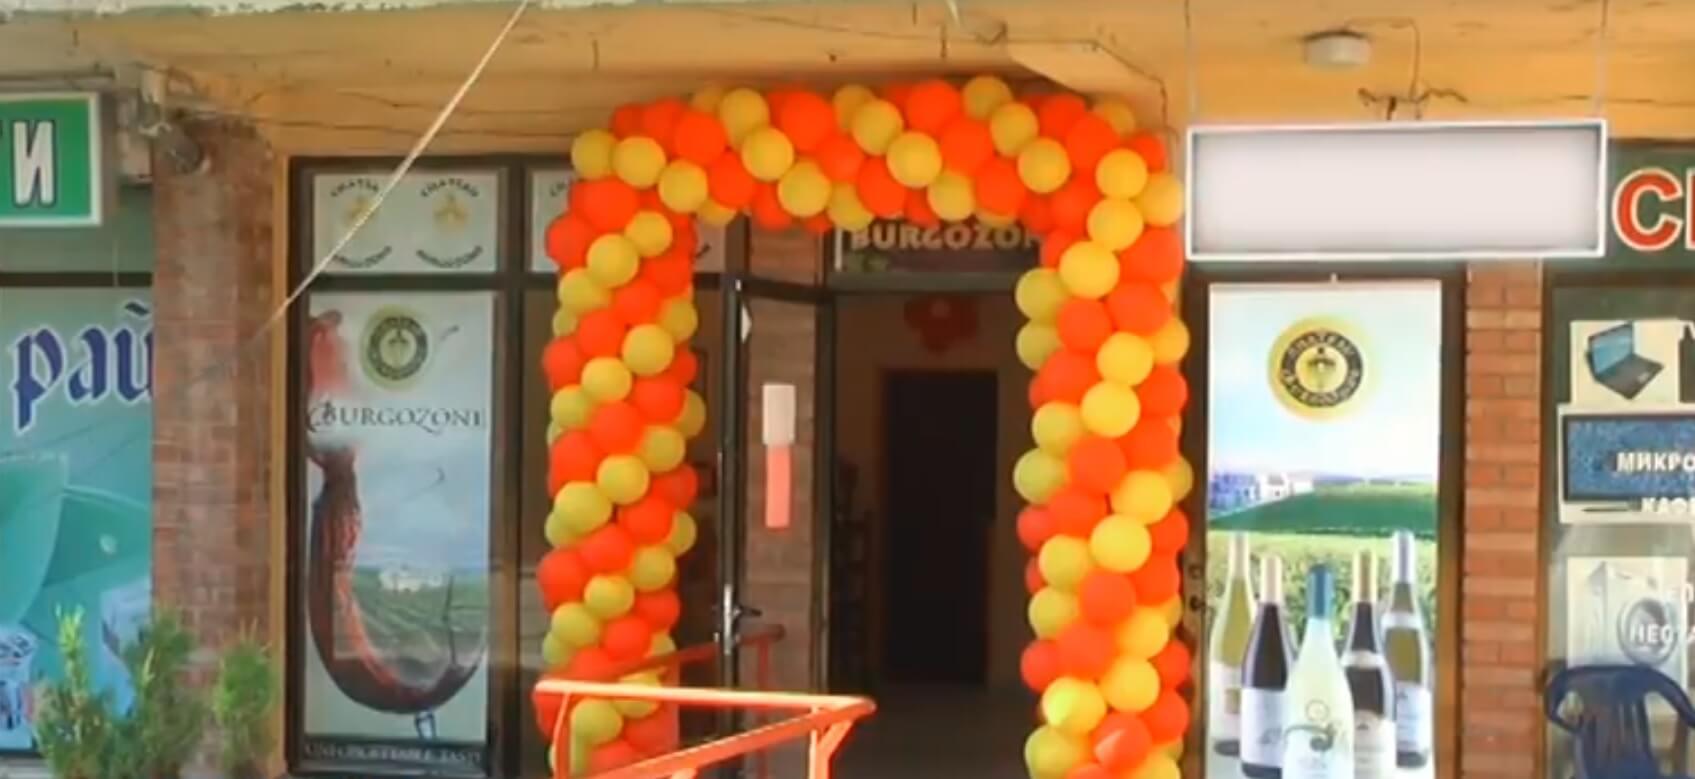 Нов фирмен магазин на Бургозоне в гр.Плевен